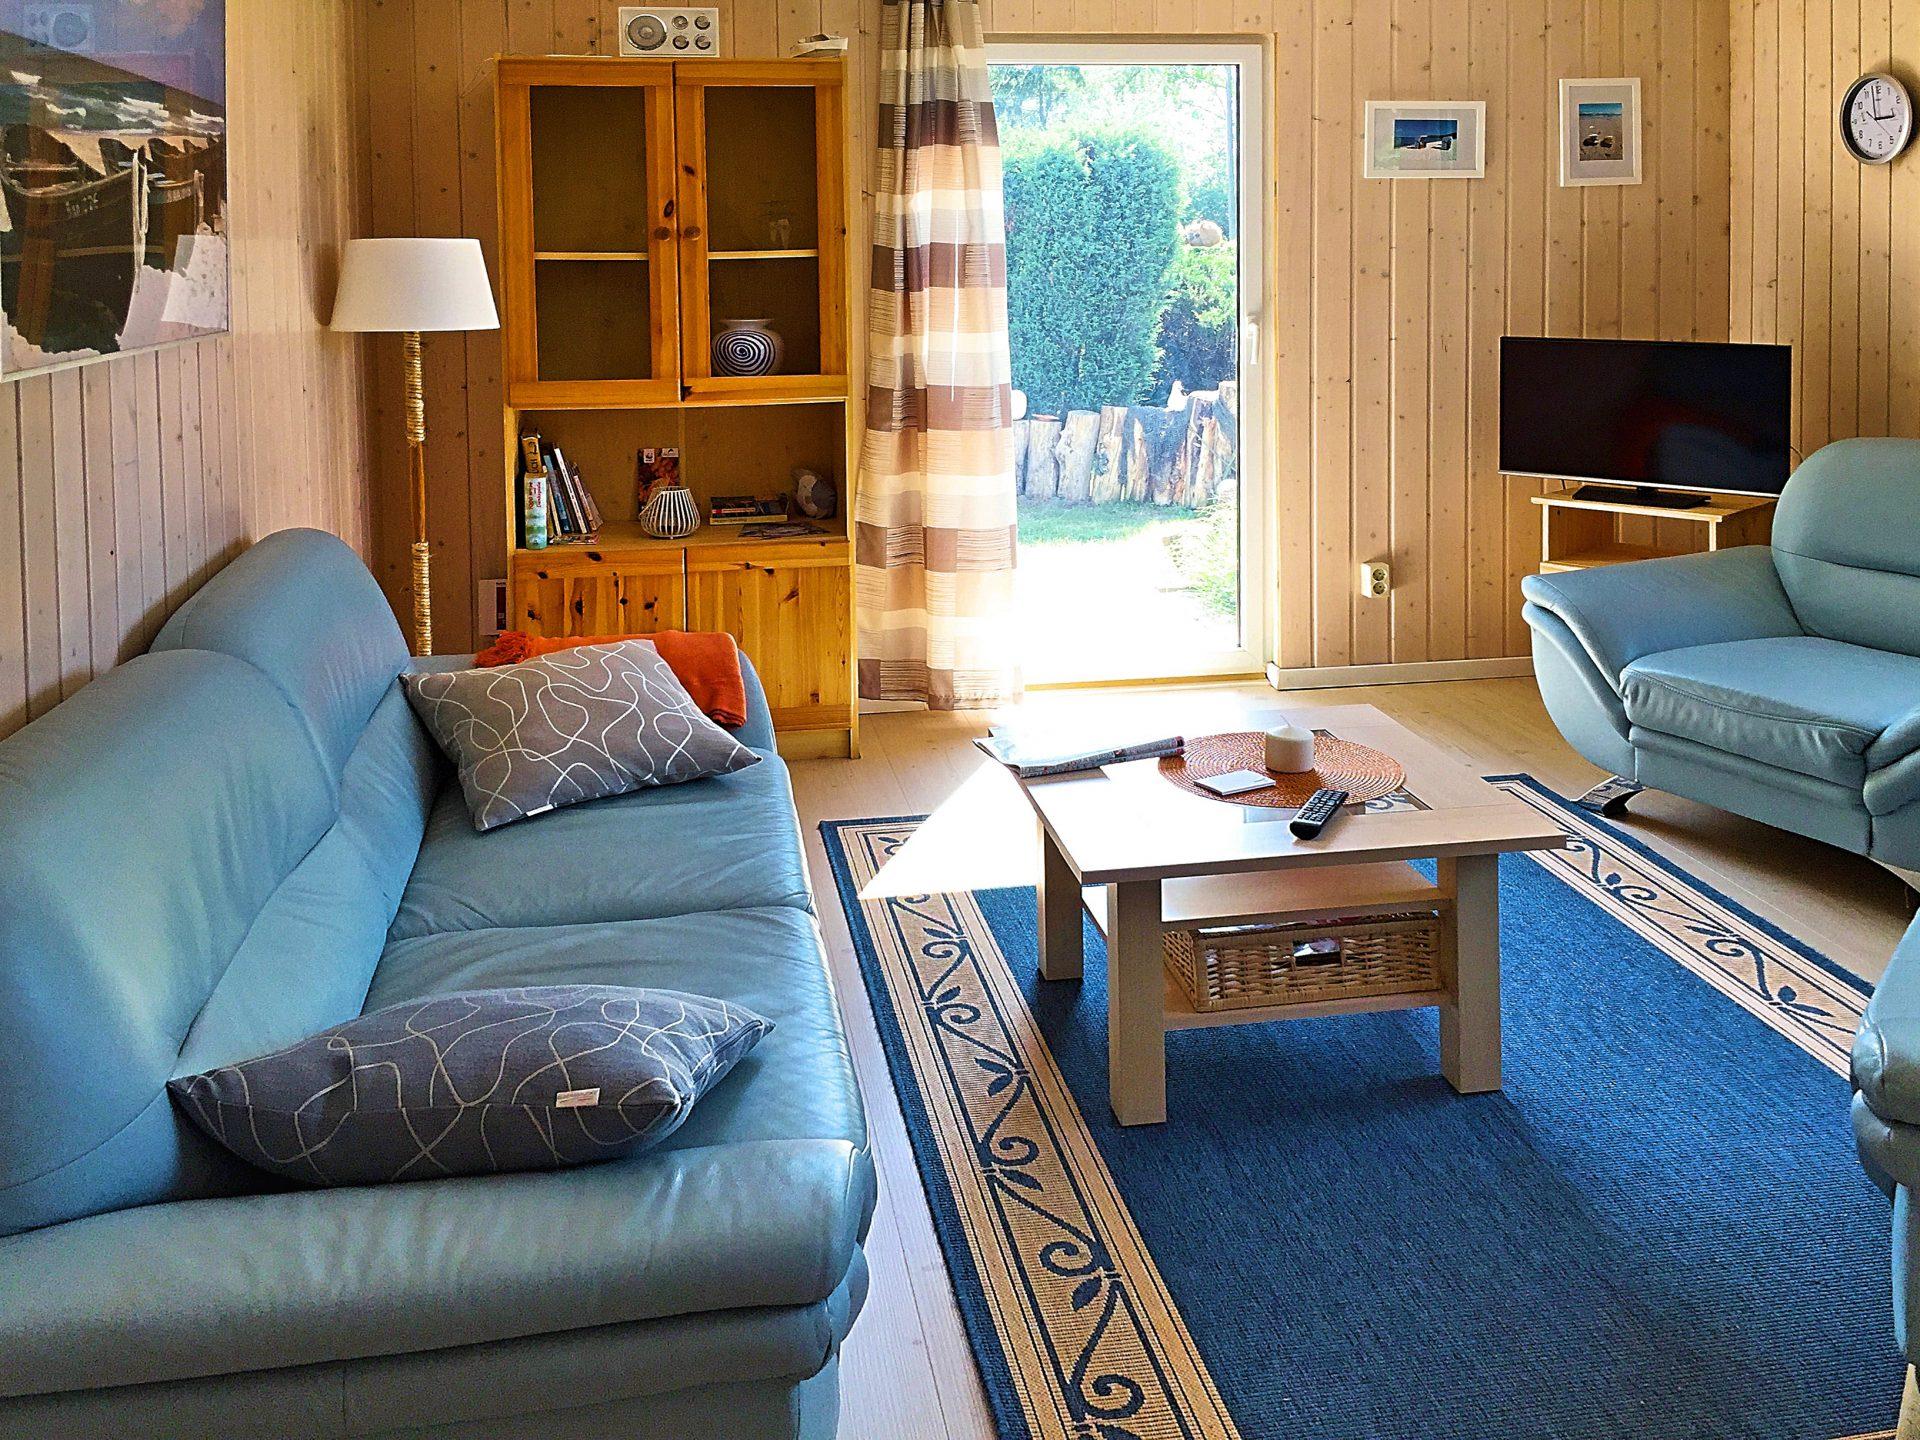 Wohnzimmer im weißen Ferienhaus